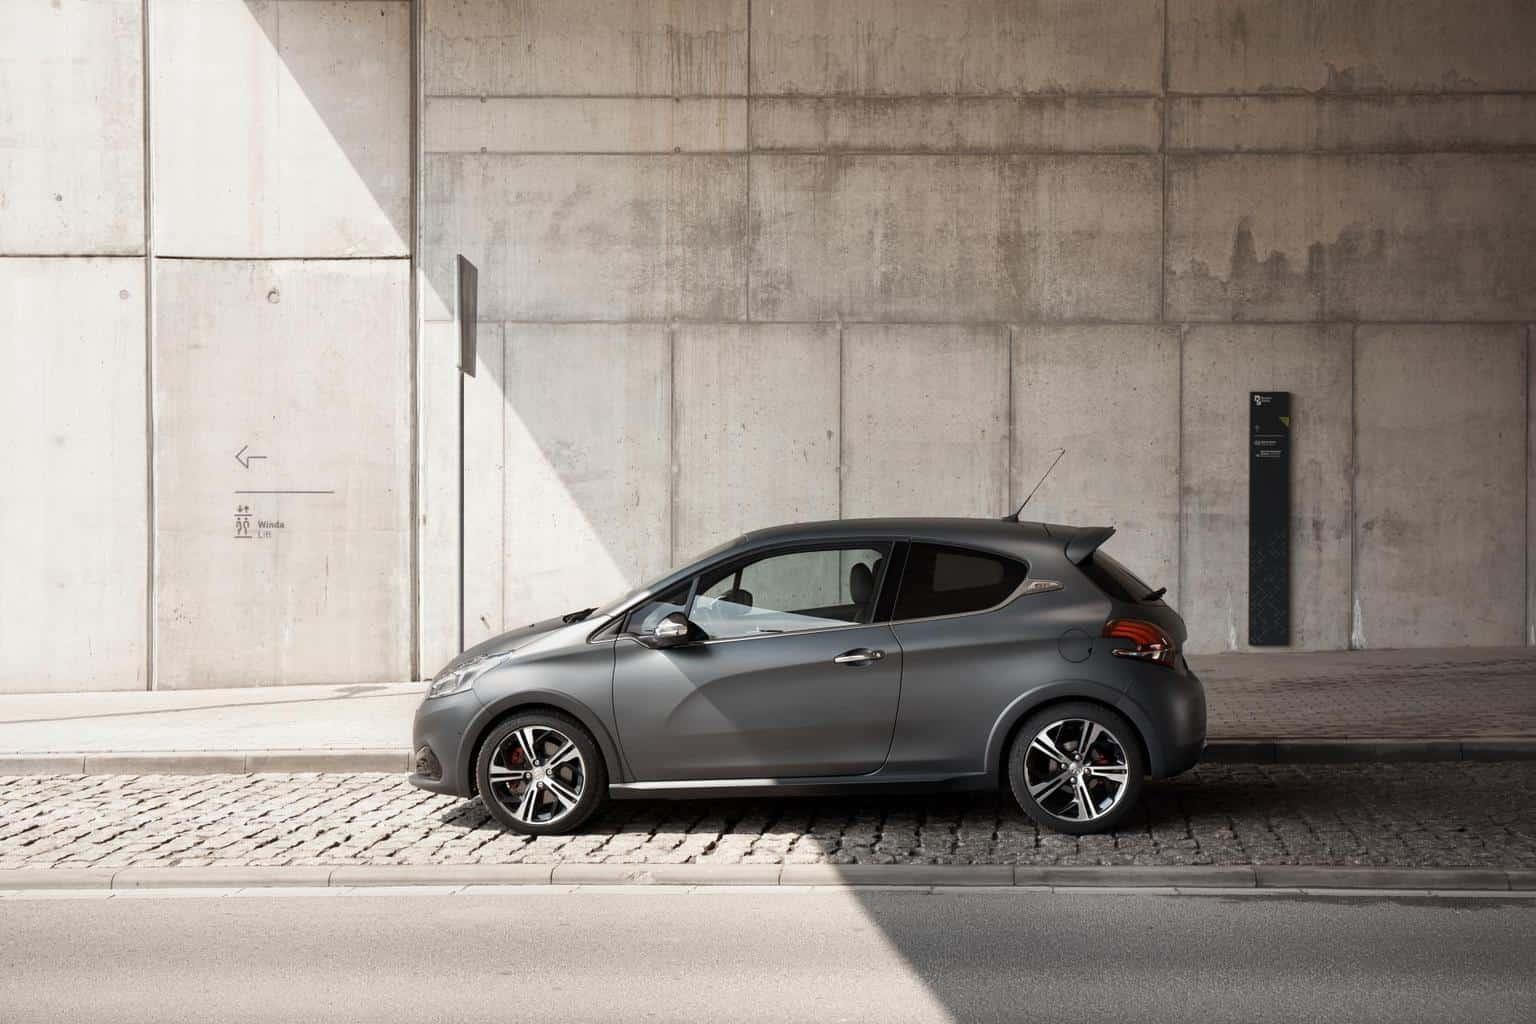 Peugeot plant elektrifizierte GTi-Modelle unter neuer Marke